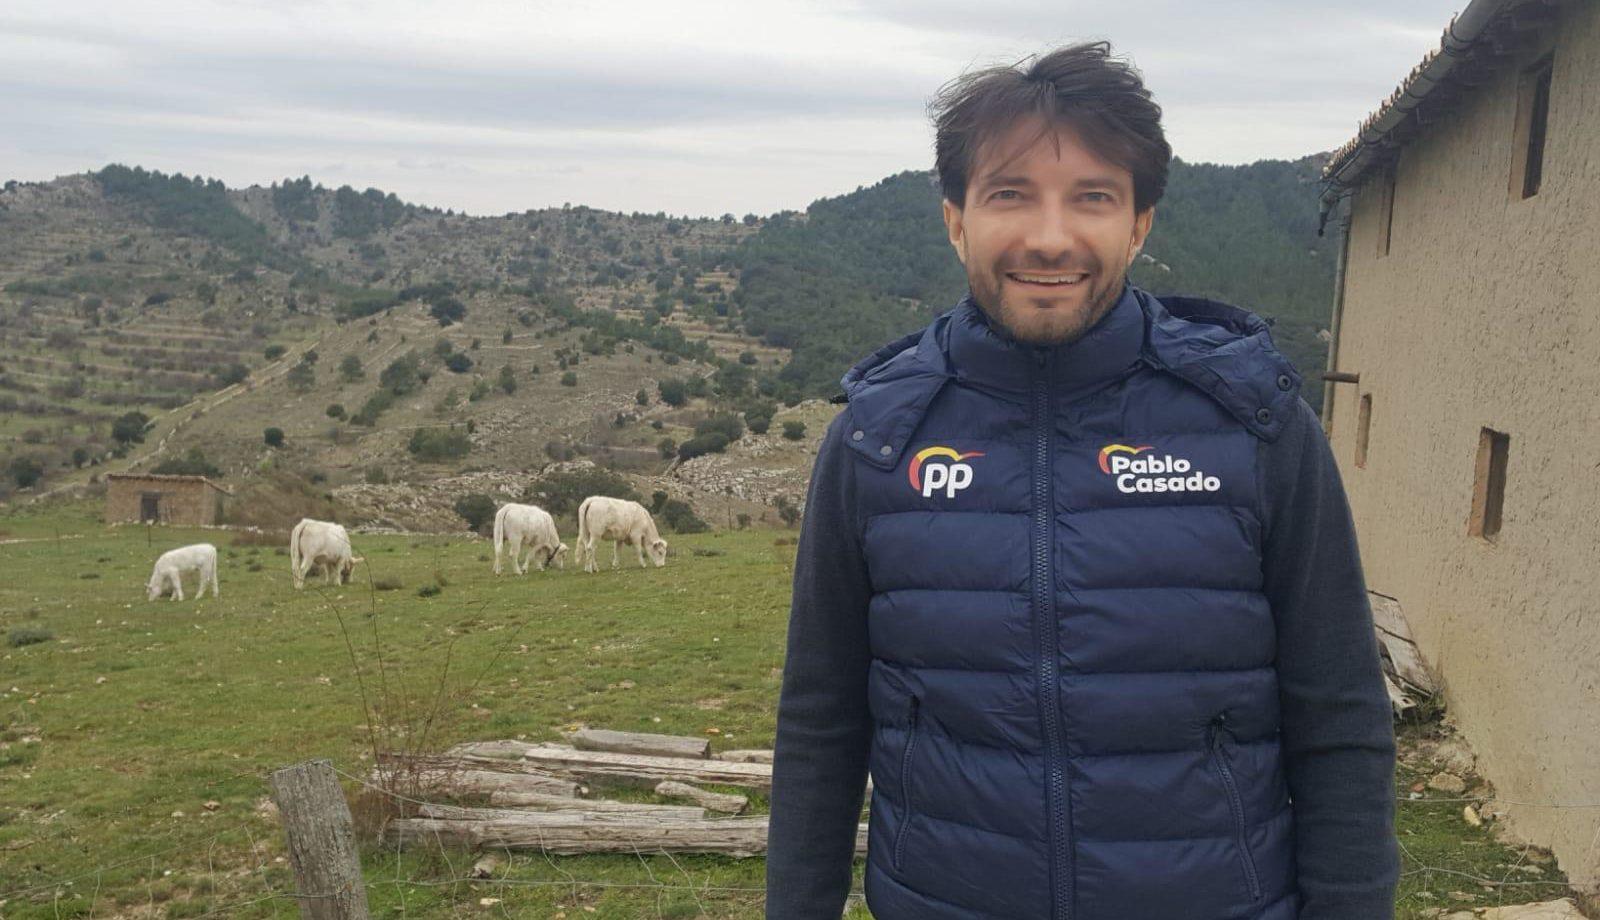 El PP de Morella aconsegueix el consens per a exigir a la Diputació fons per a les pedanies en el Pla 135